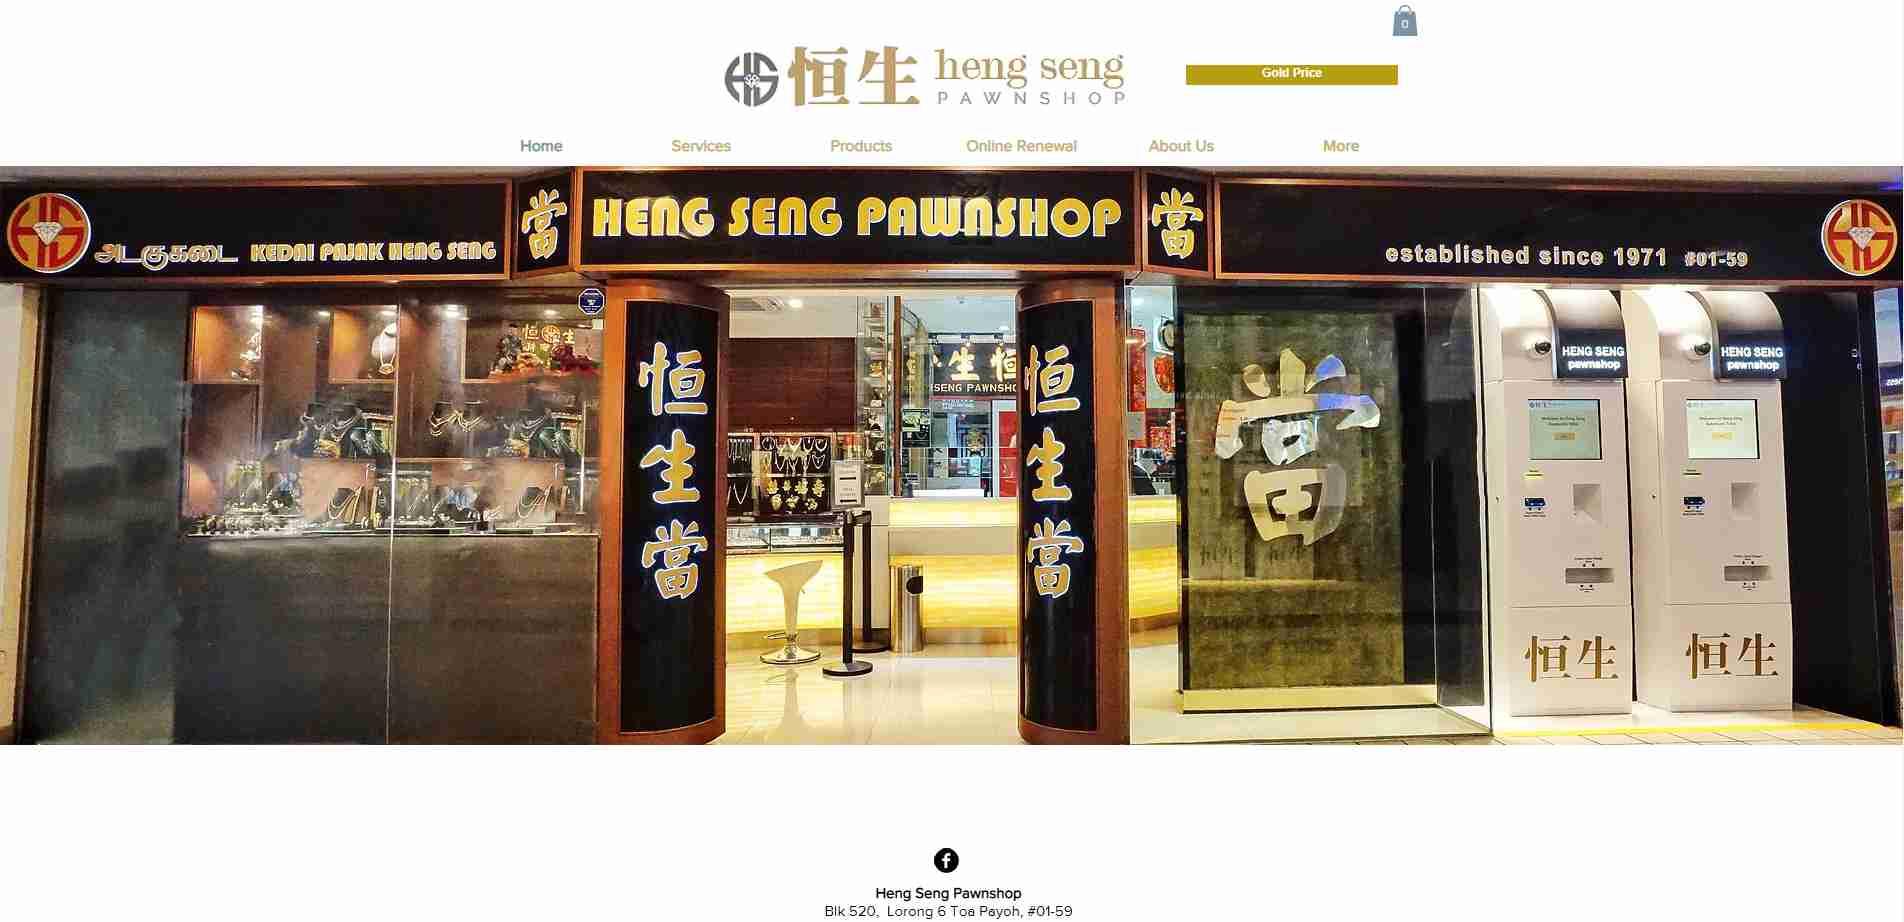 Heng Sheng Top Pawn Shops in Singapore